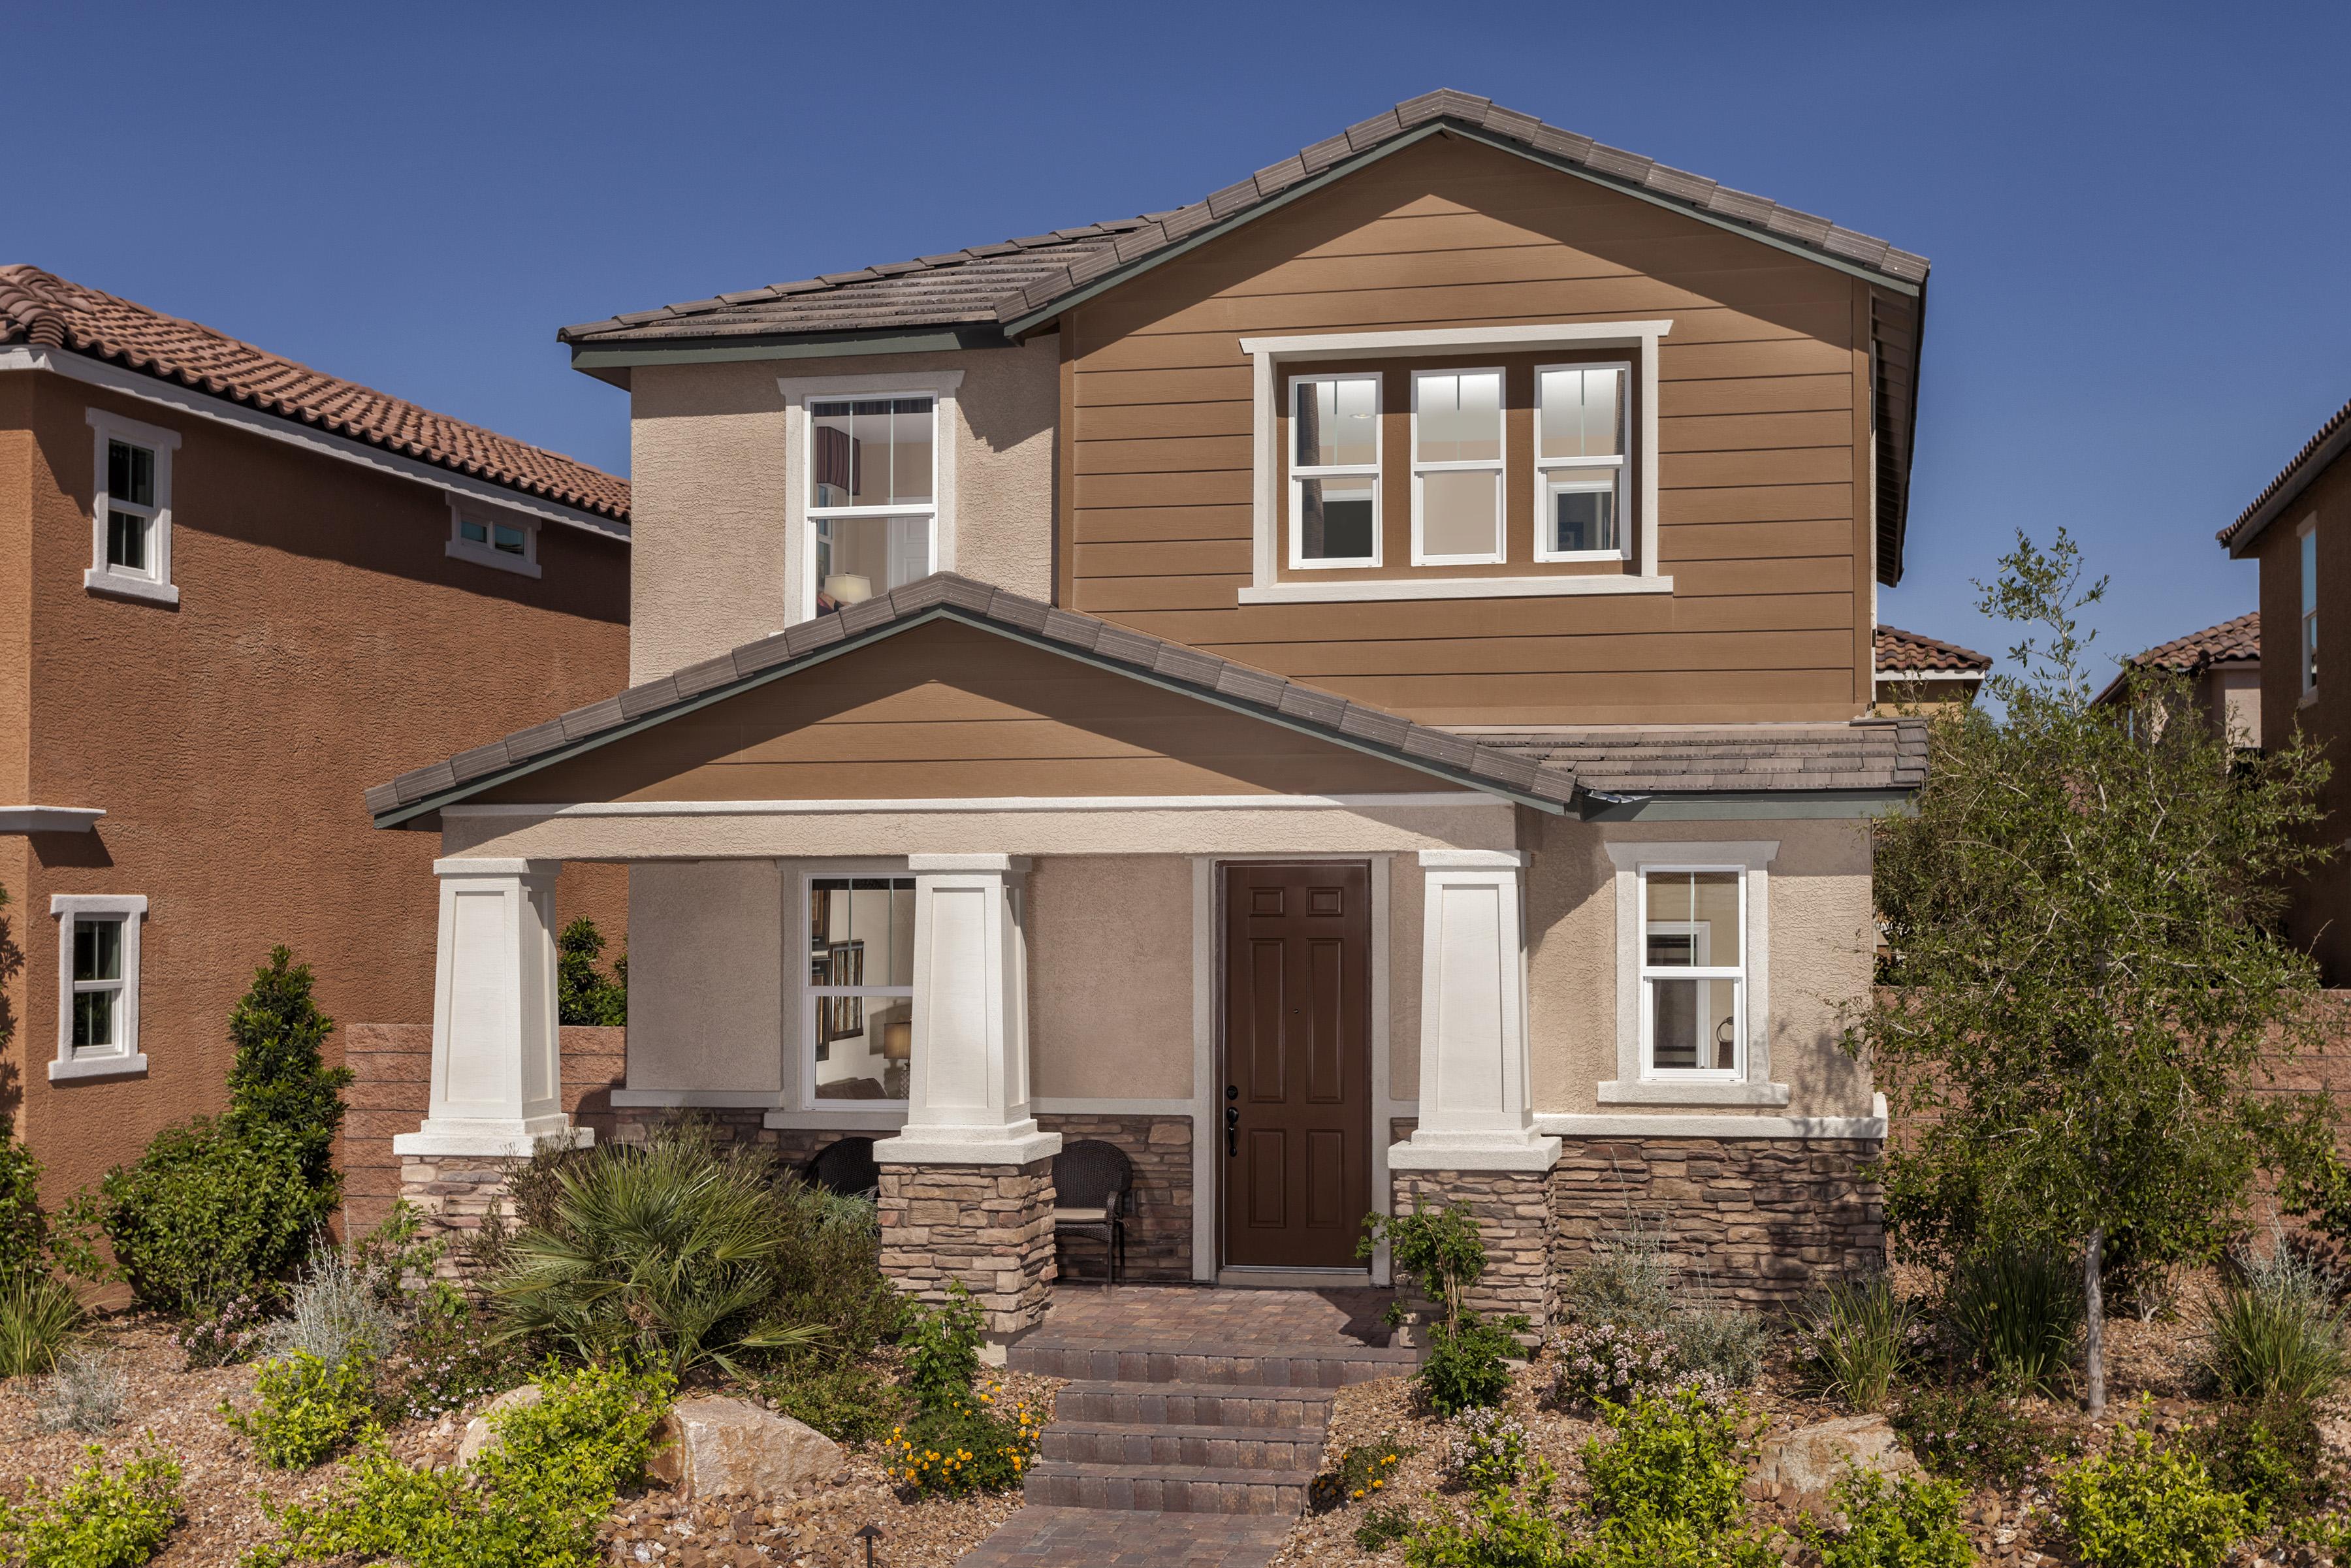 New homes inspirada henderson nv homemade ftempo for Kb homes design center las vegas